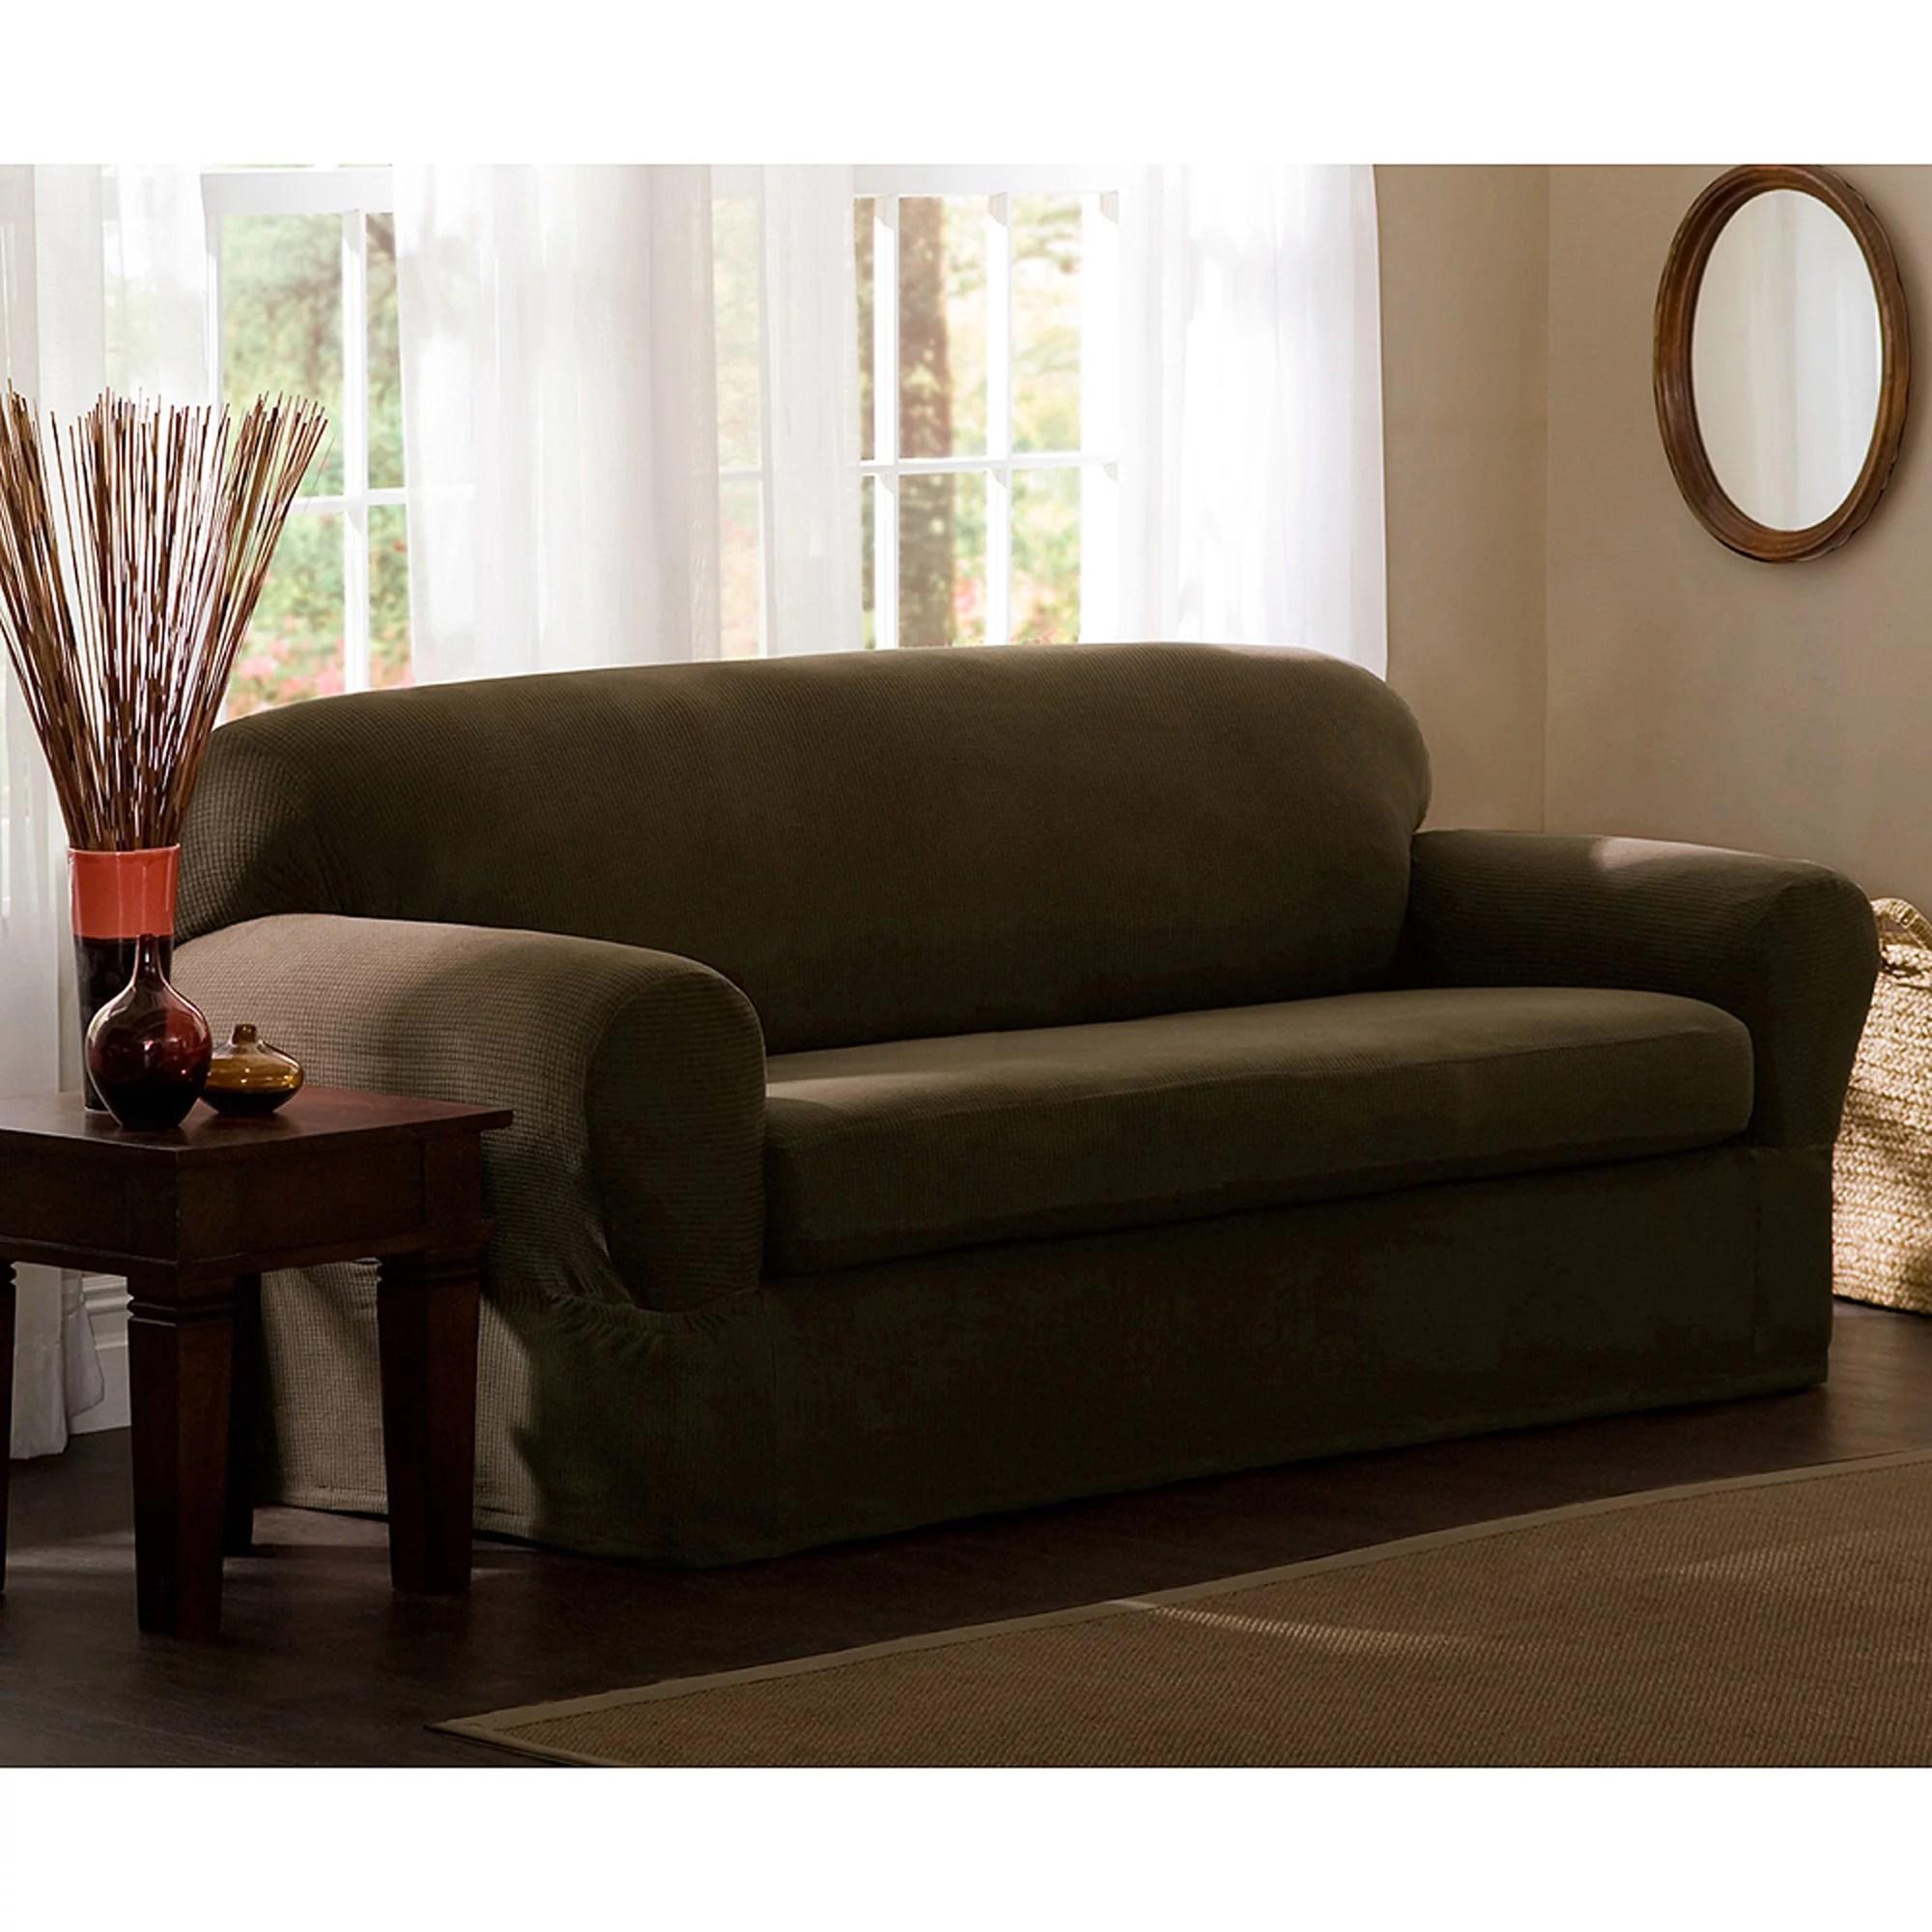 Zenna Home Small Rectangle Patterned 2 Piece Sofa Stretch Slipcover Chocolate Walmart Com Walmart Com